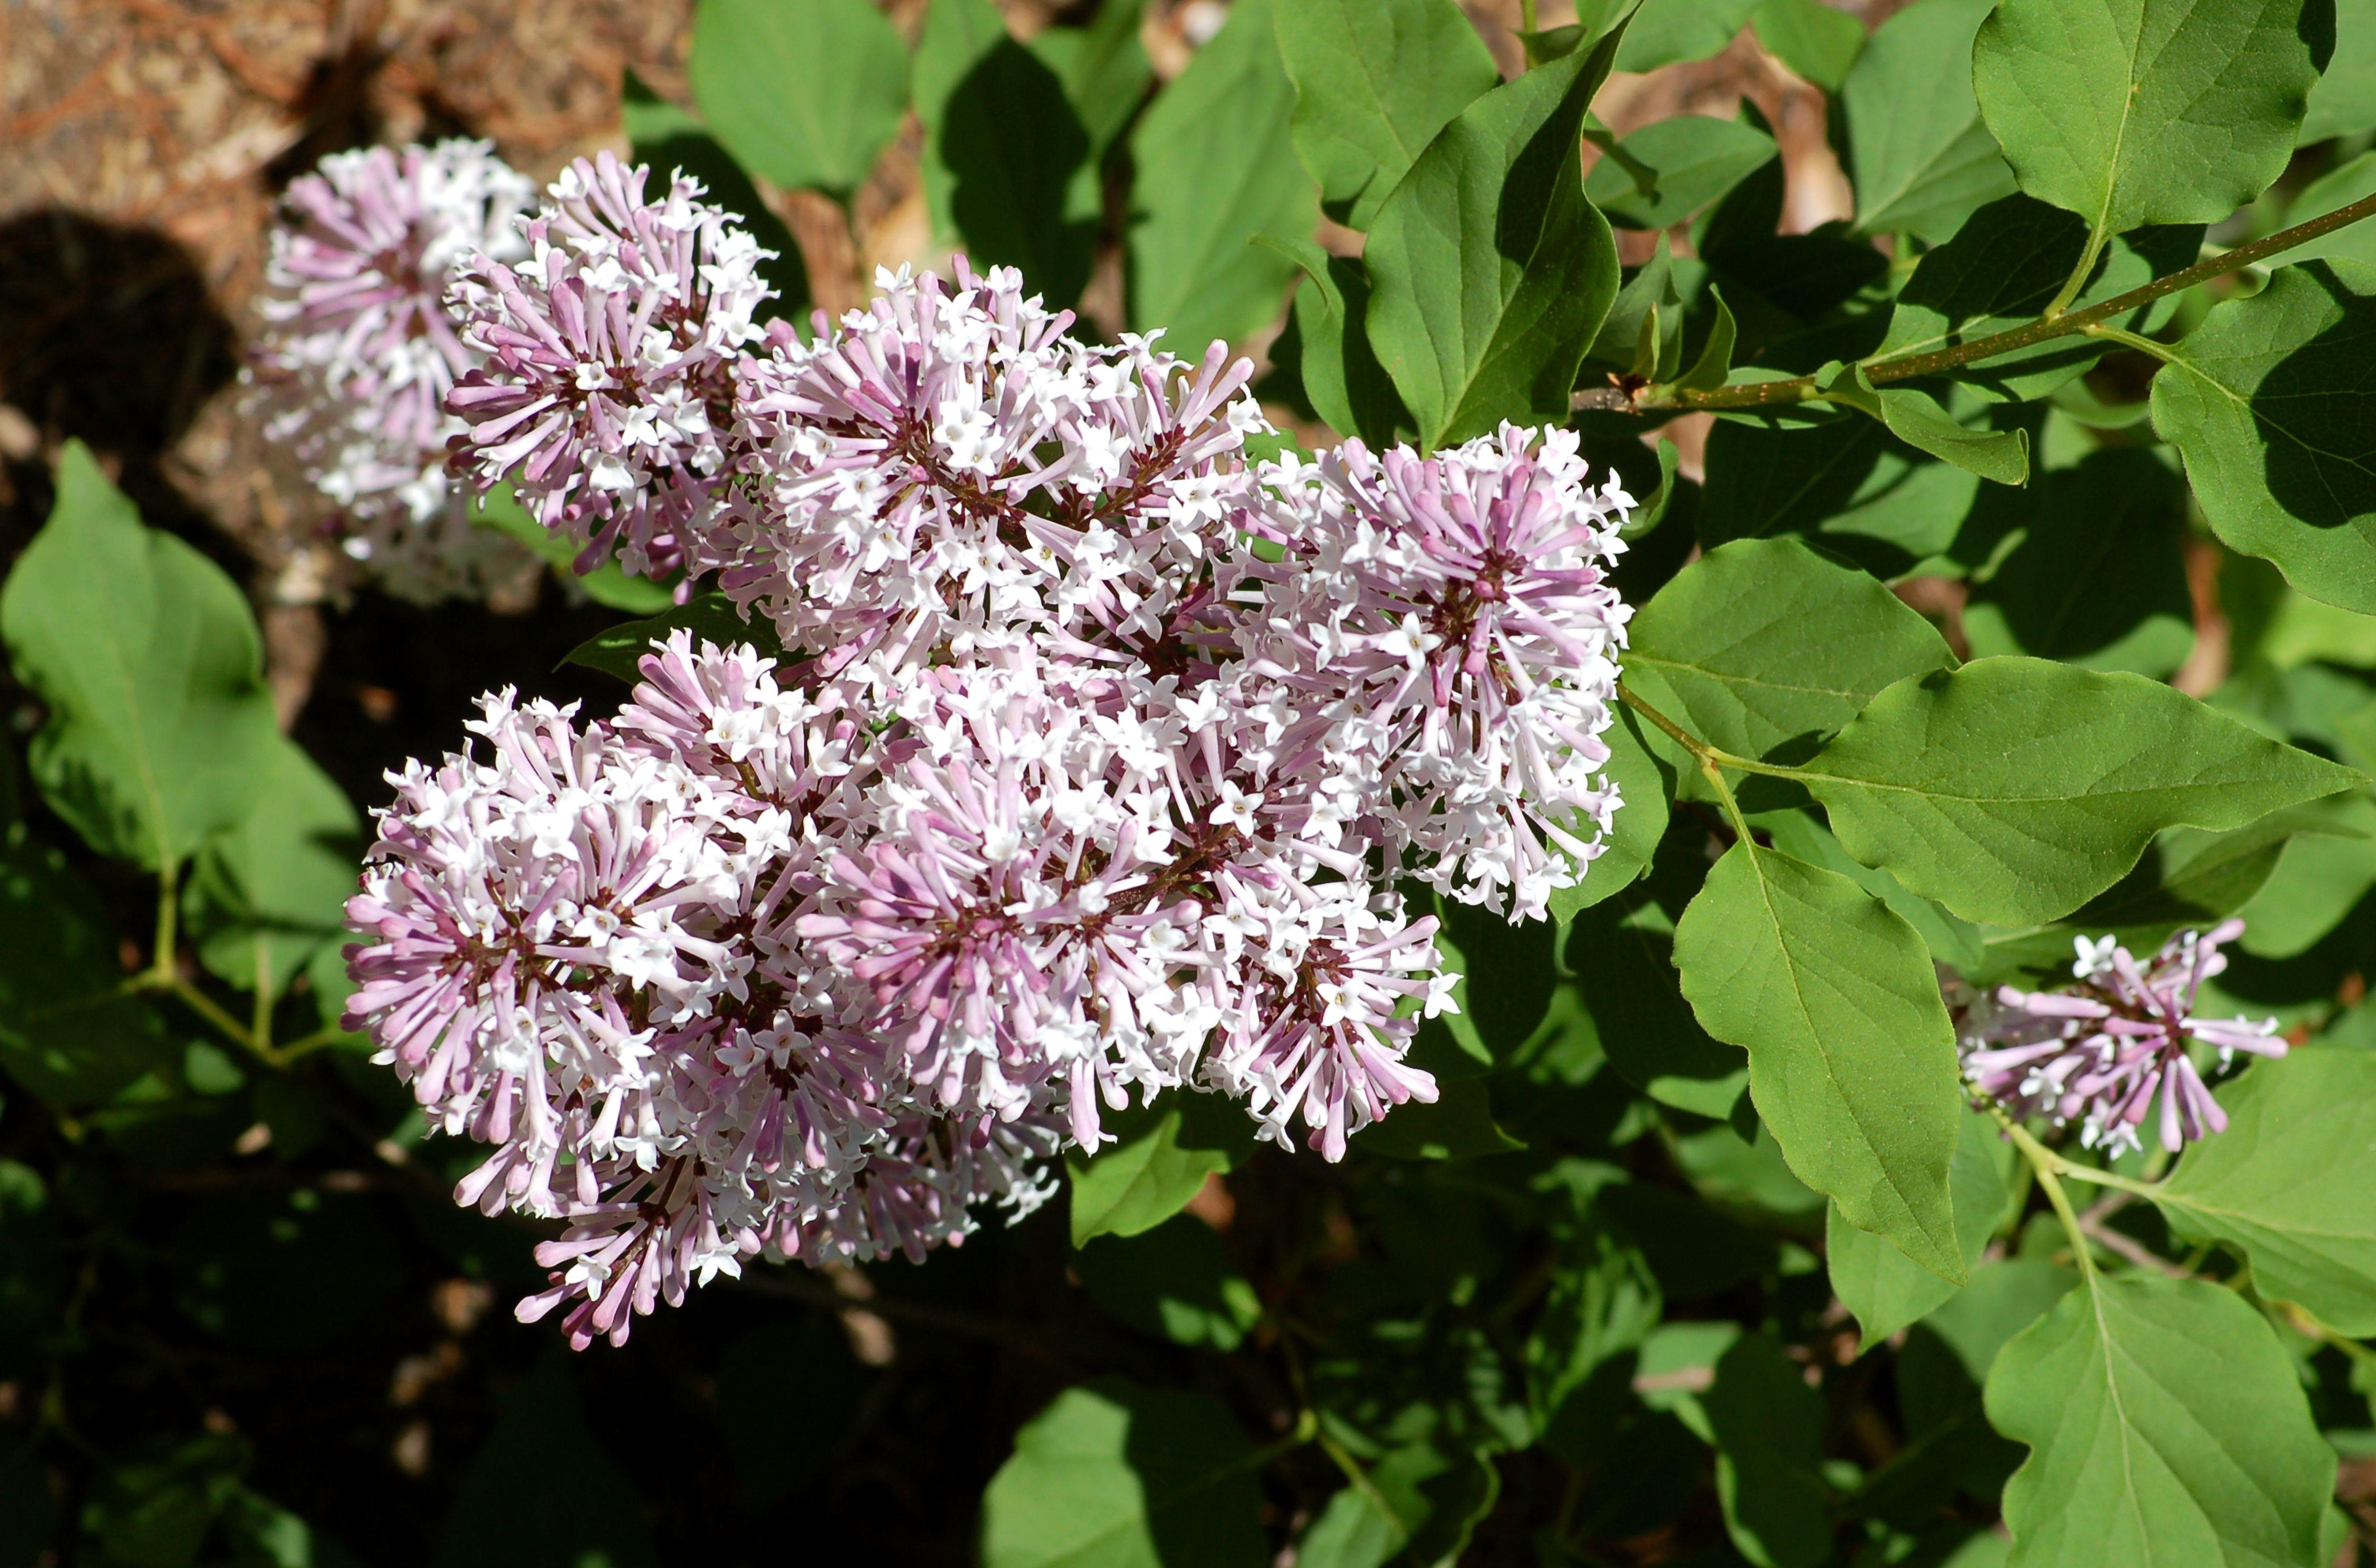 Miss Kim lilac in bloom.